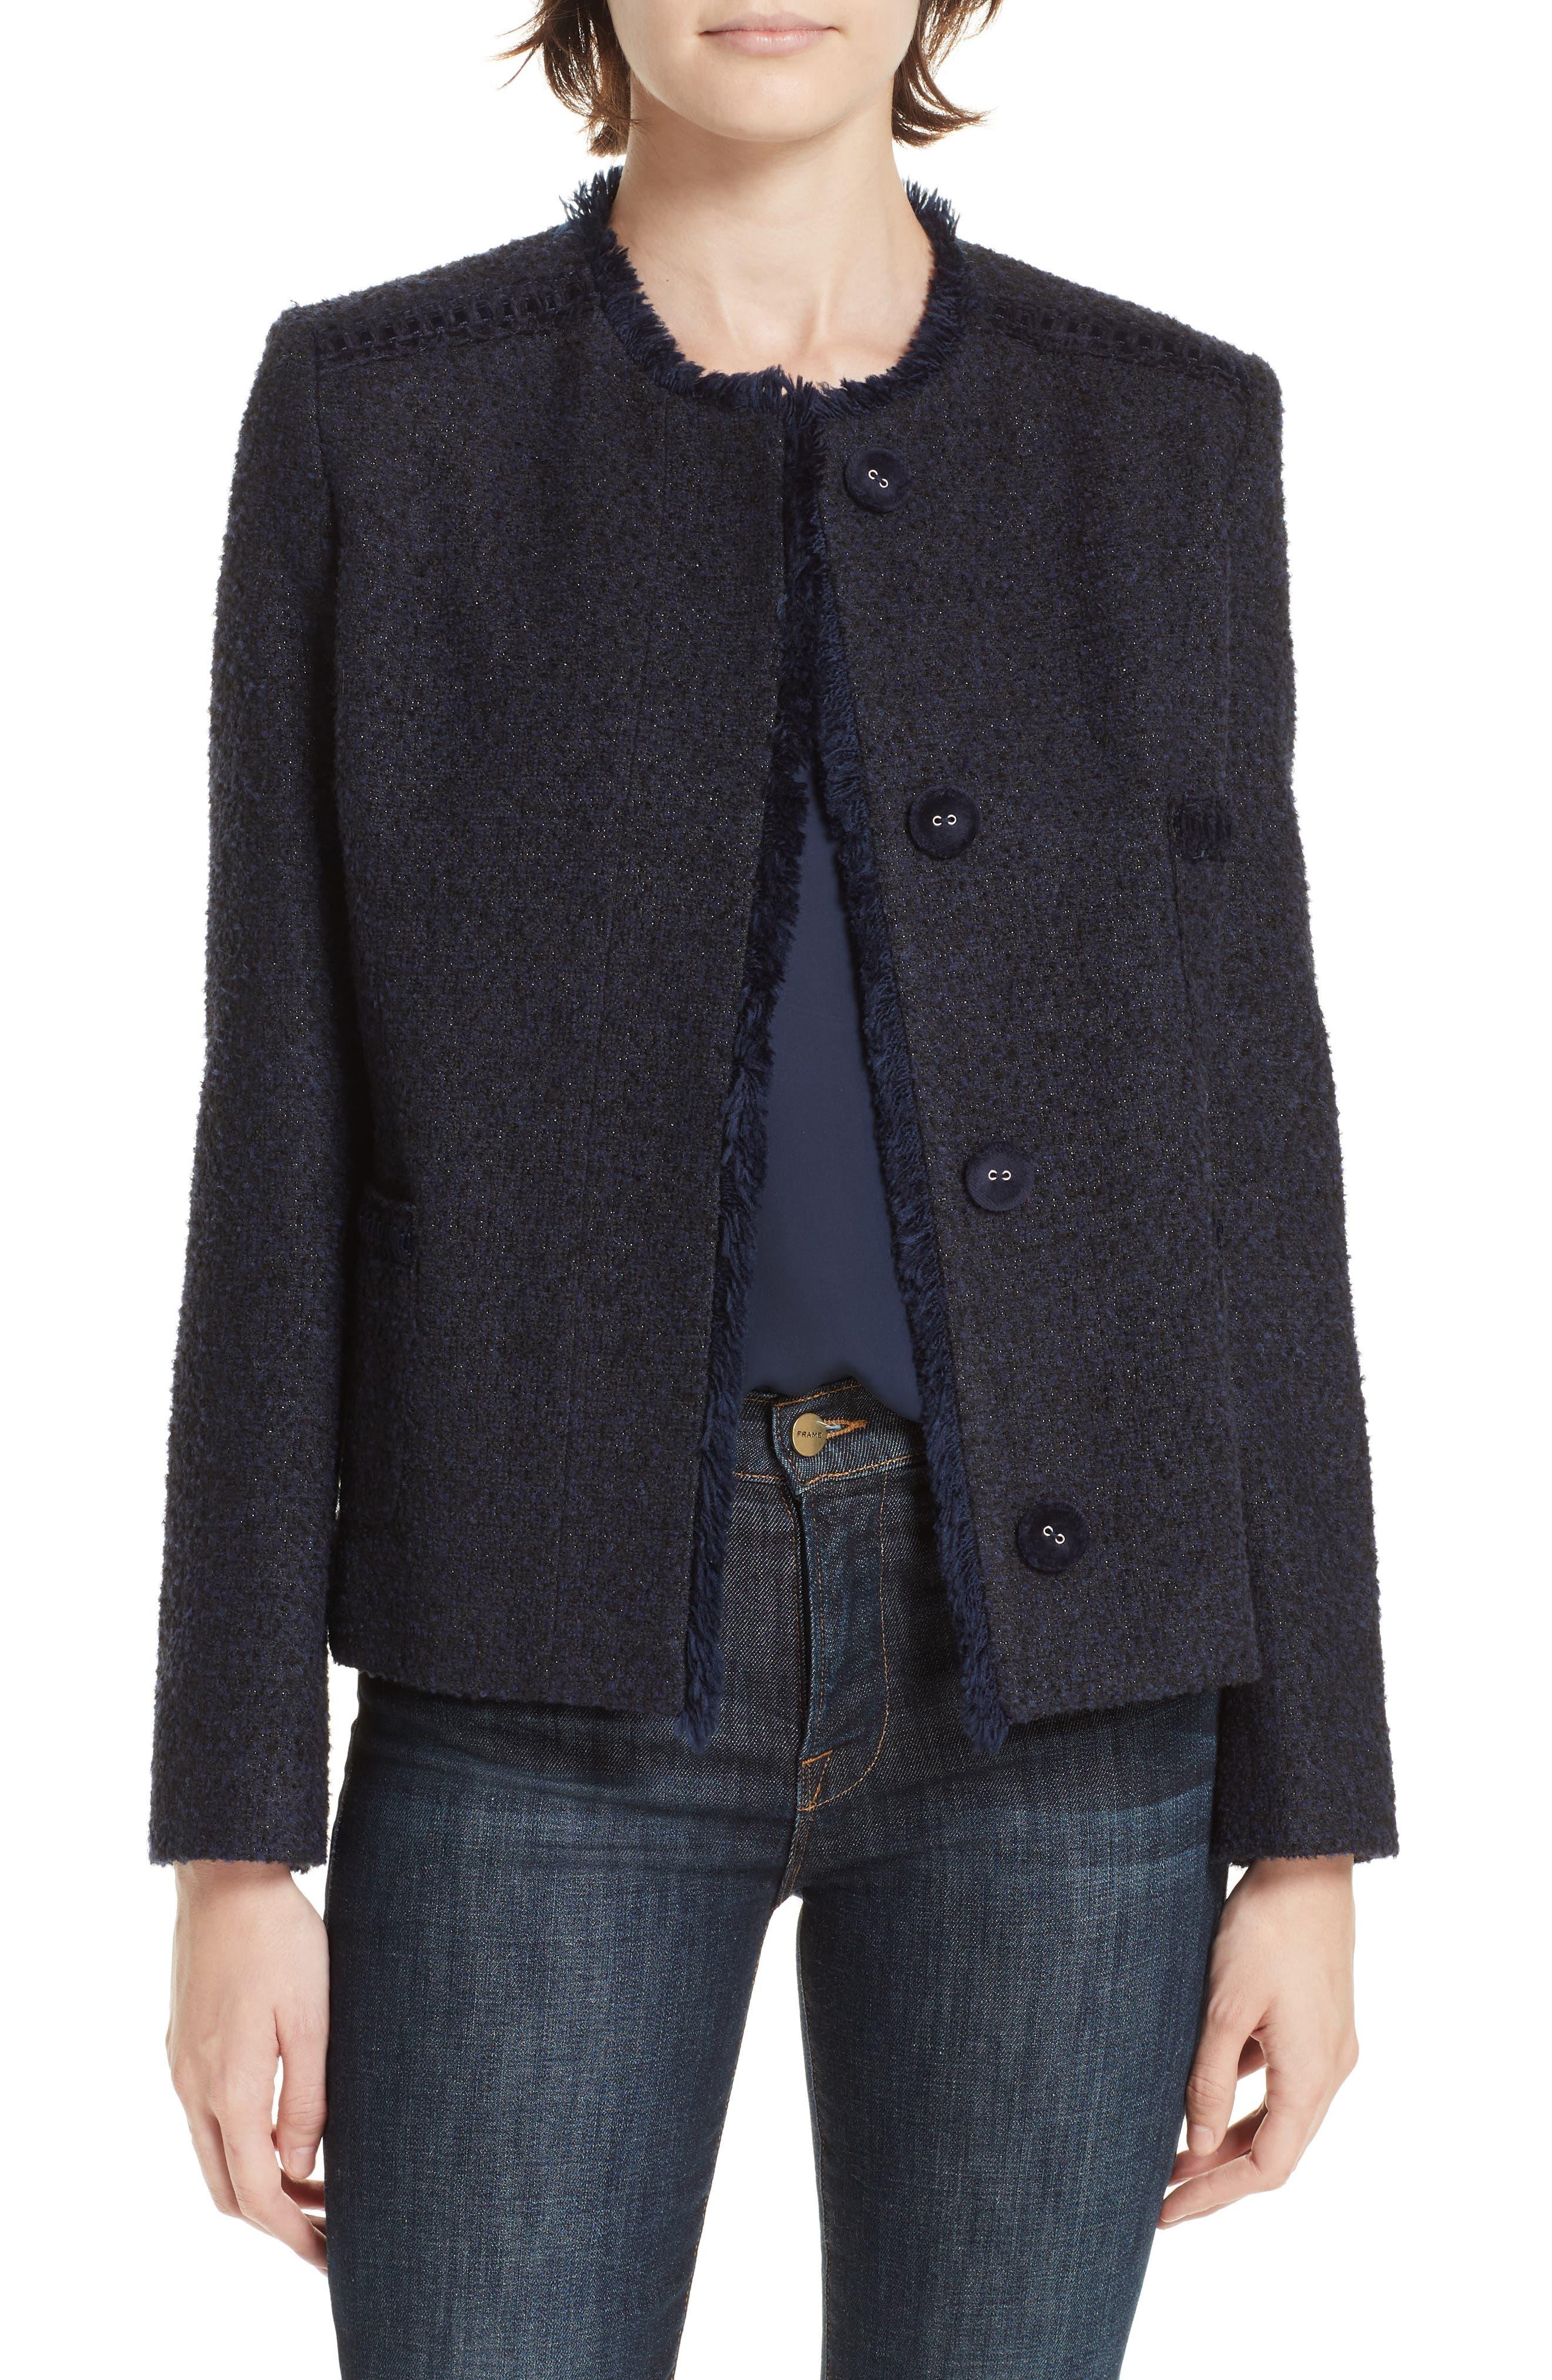 HELENE BERMAN Tweed Jacket in Navy